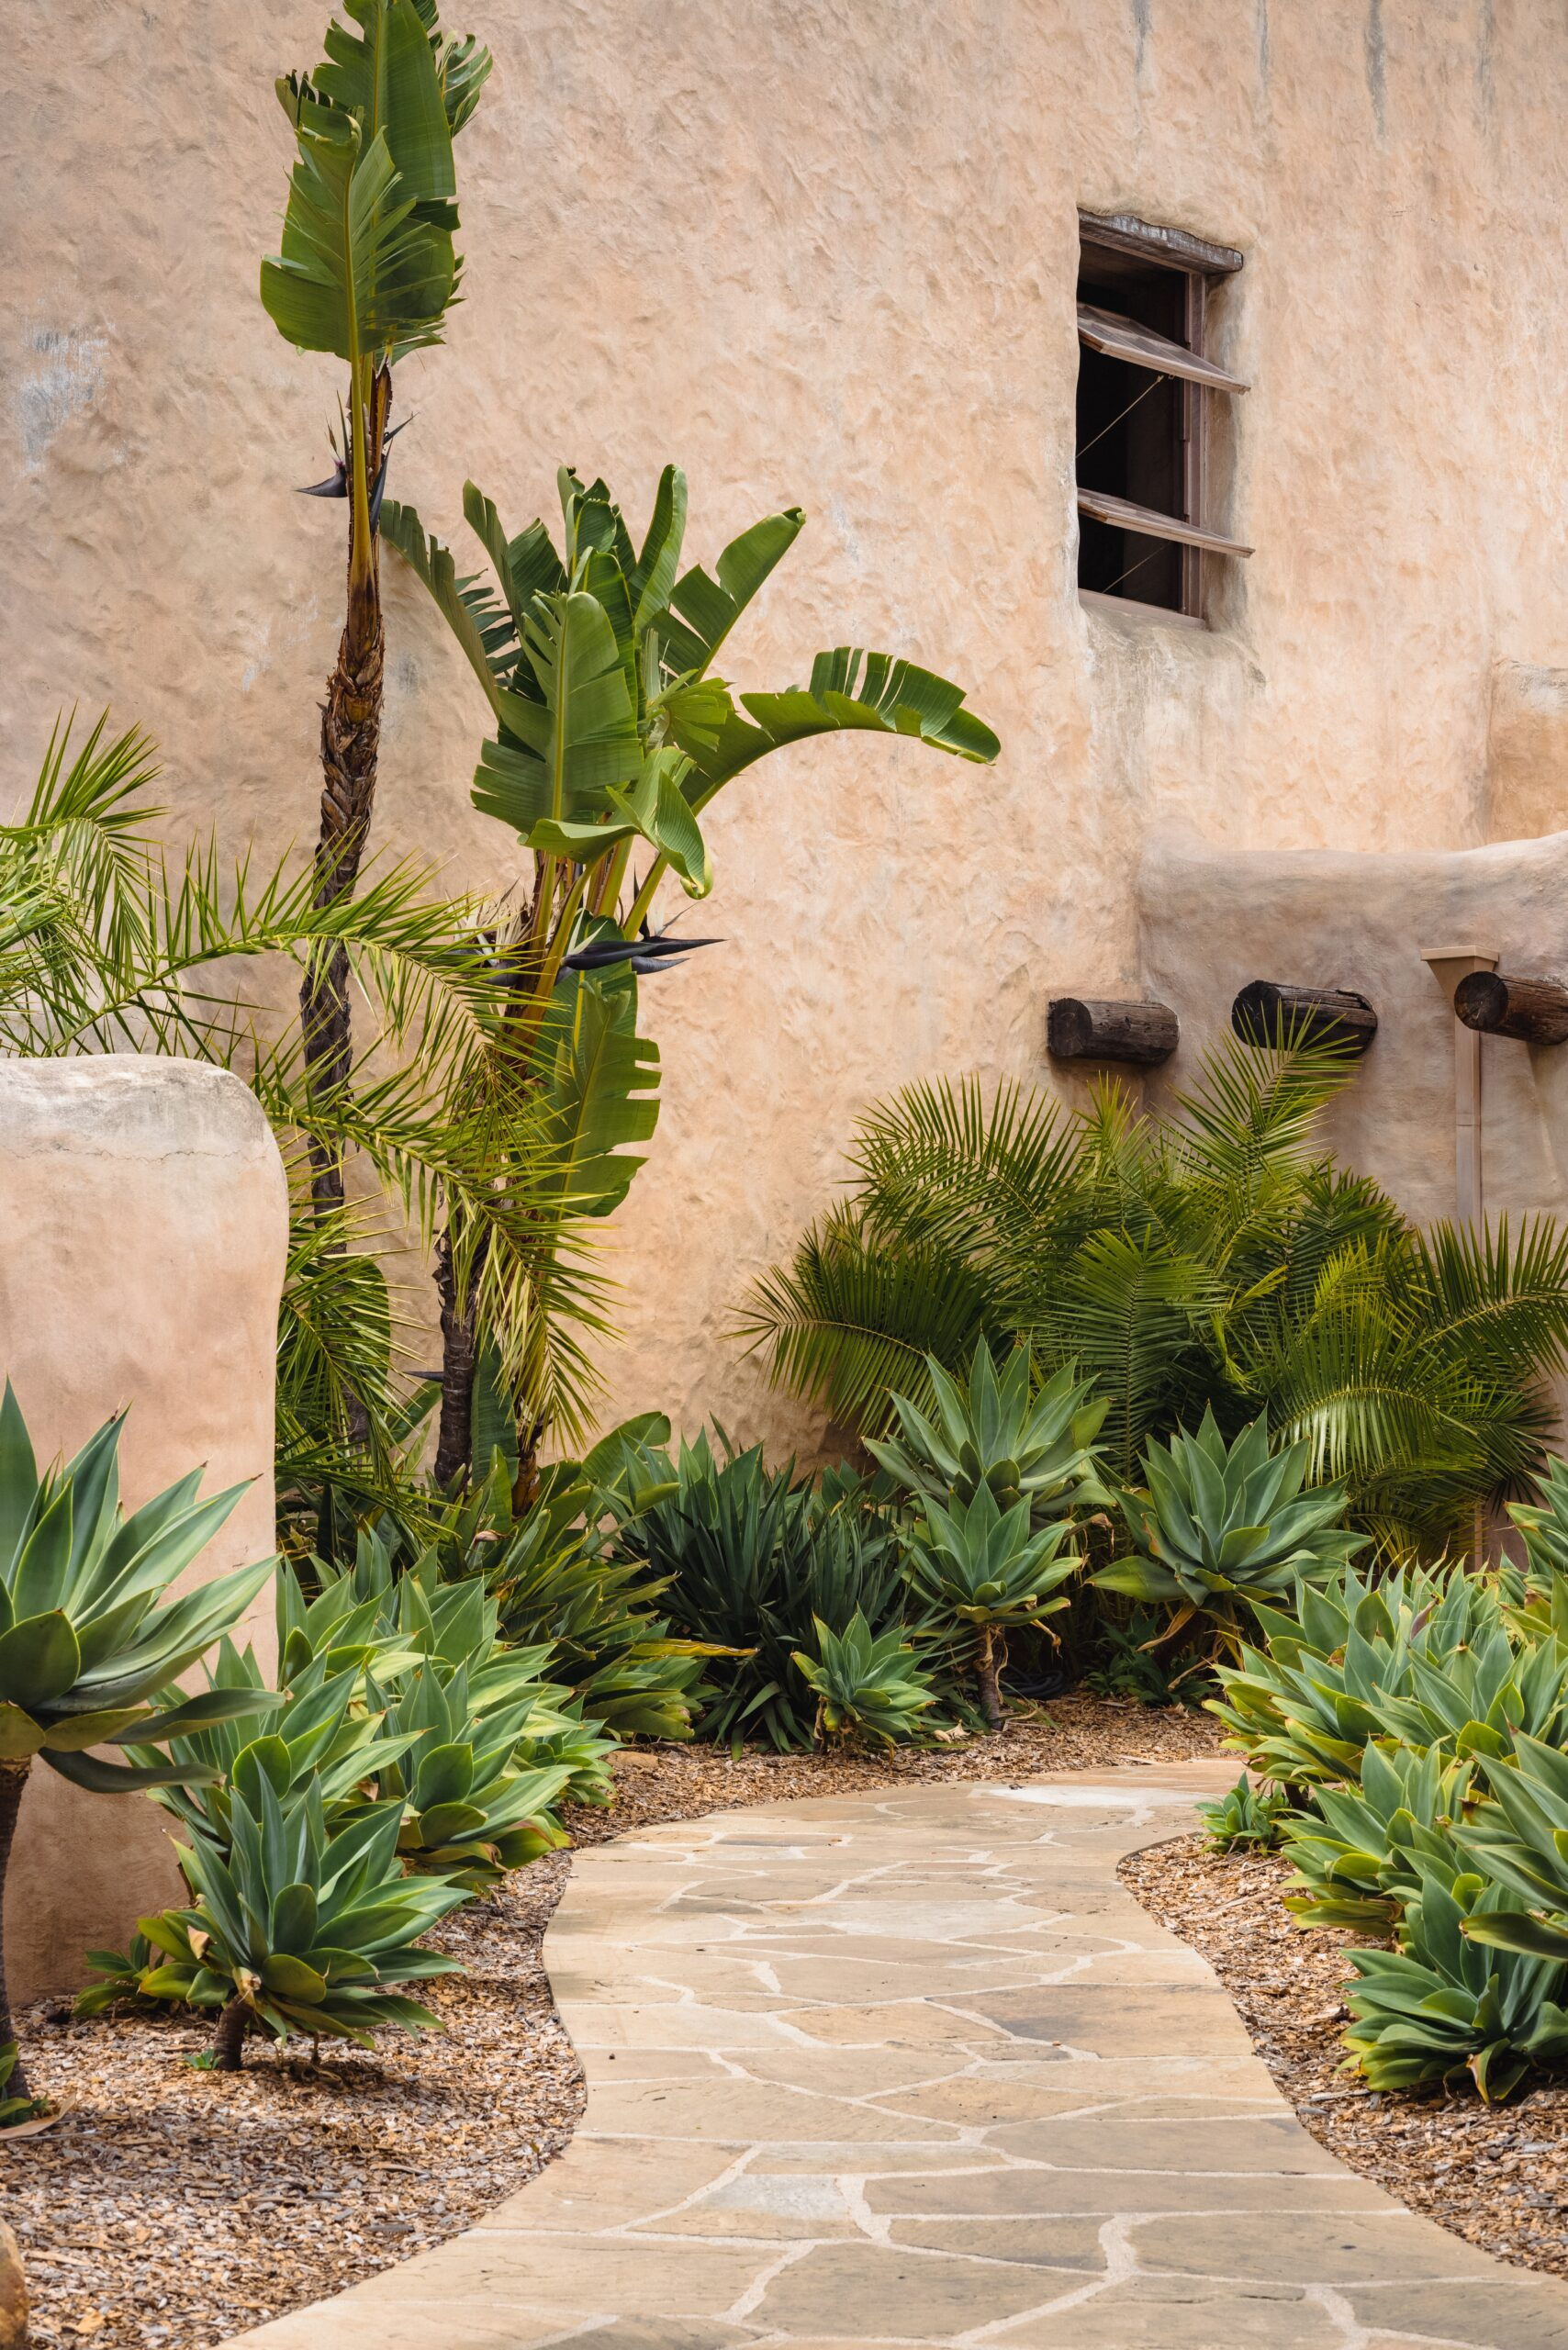 Mourtilup élégante Au Maroc - végétation et gastronomie